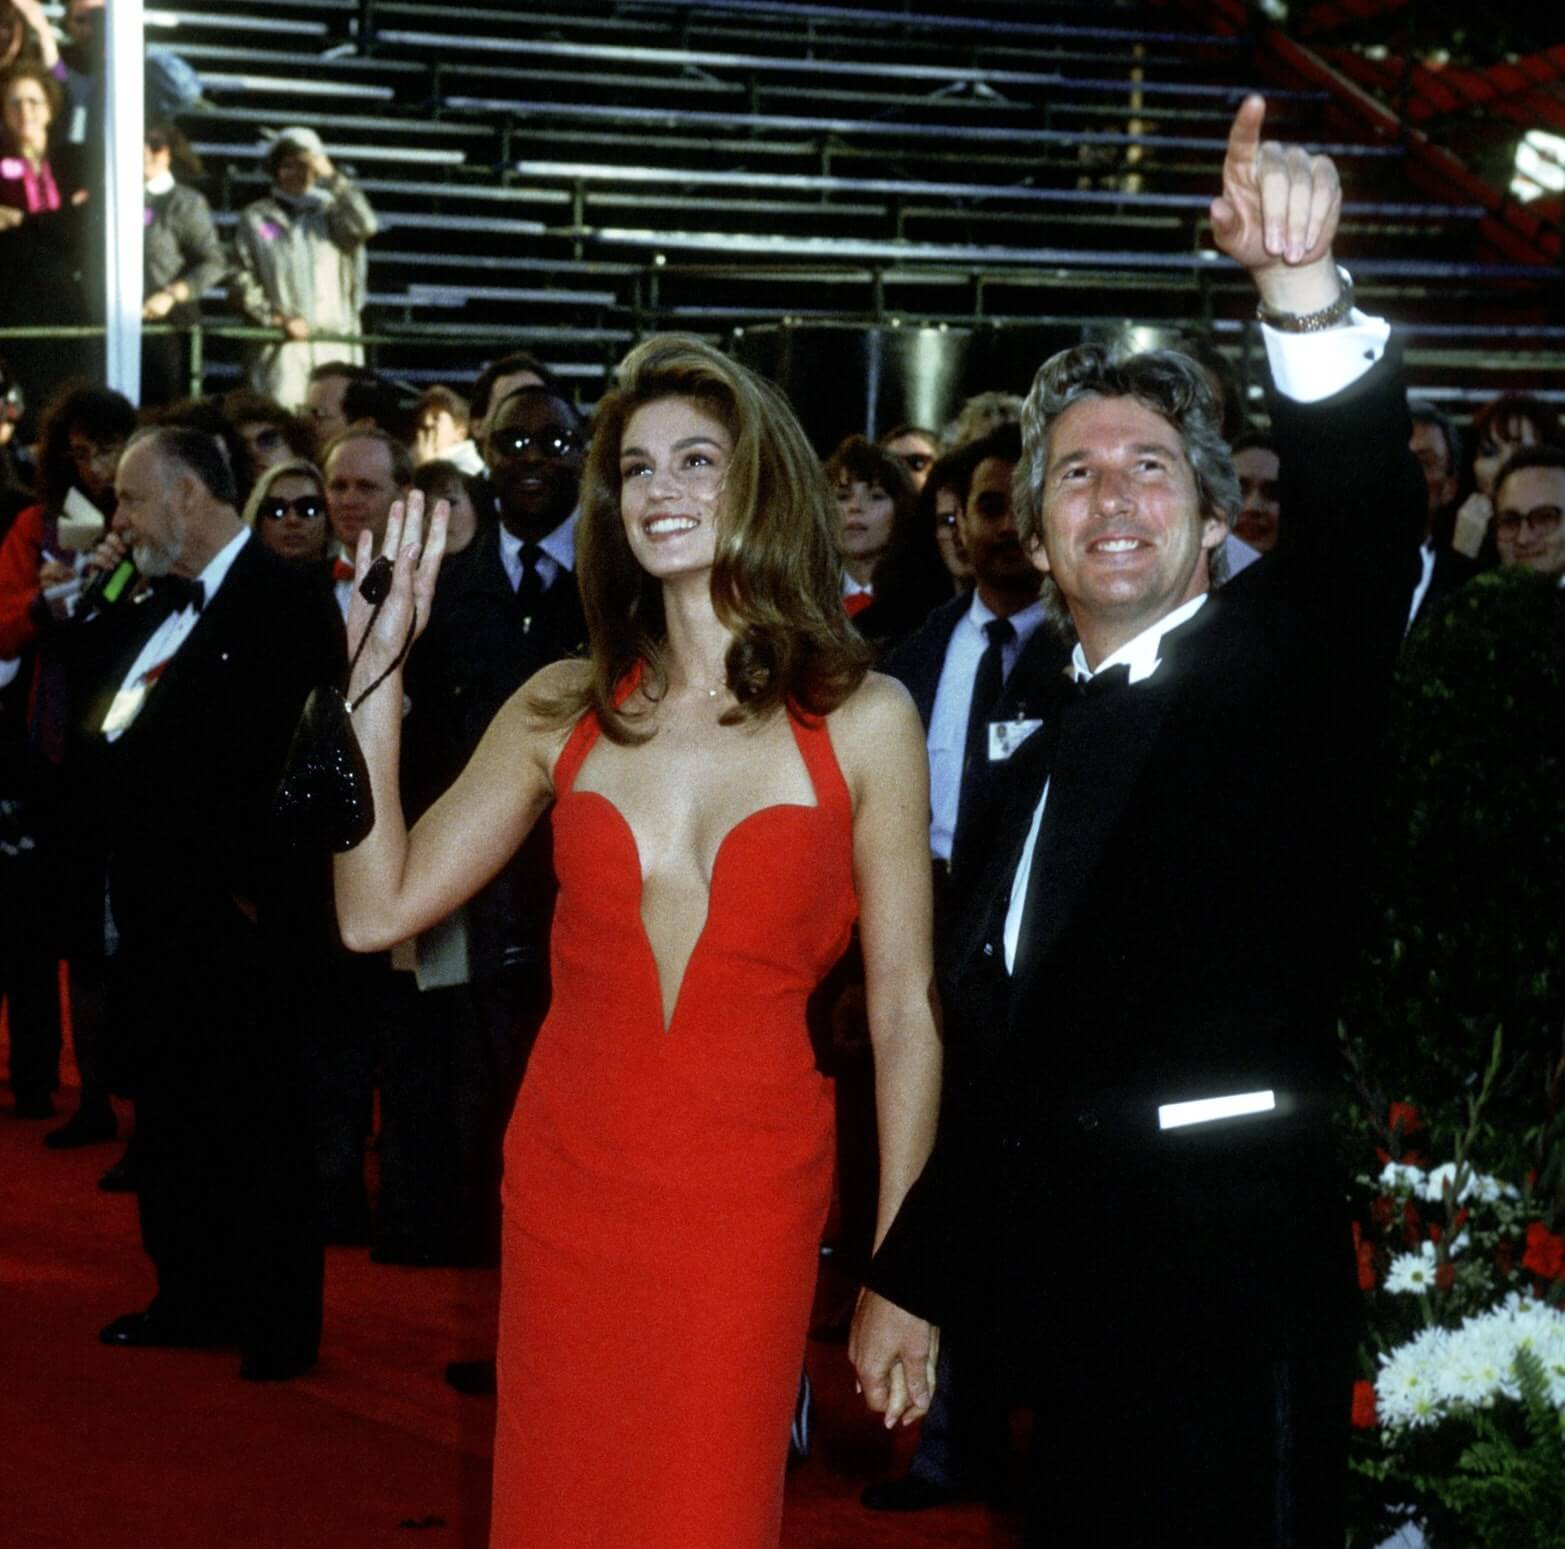 شاهدي بالصور أكثر الأزواج تألقاً على سجادة الأوسكار الحمراء عبر السنين